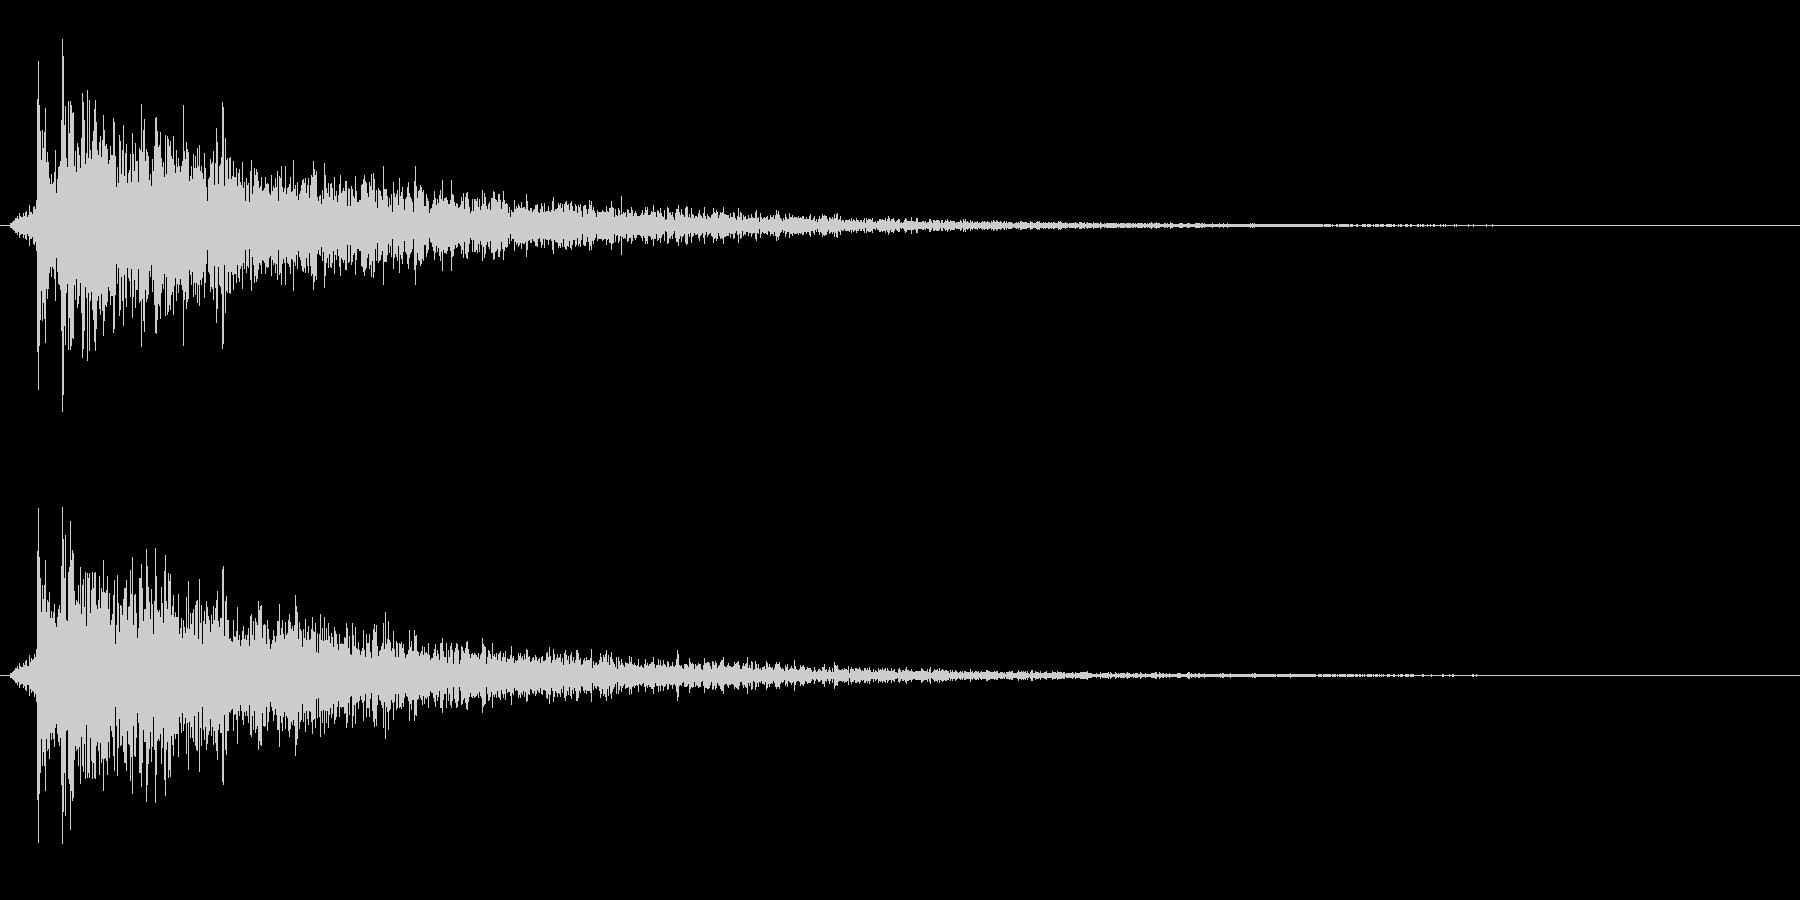 カポーン(お風呂・銭湯・温泉)ノーマル版の未再生の波形